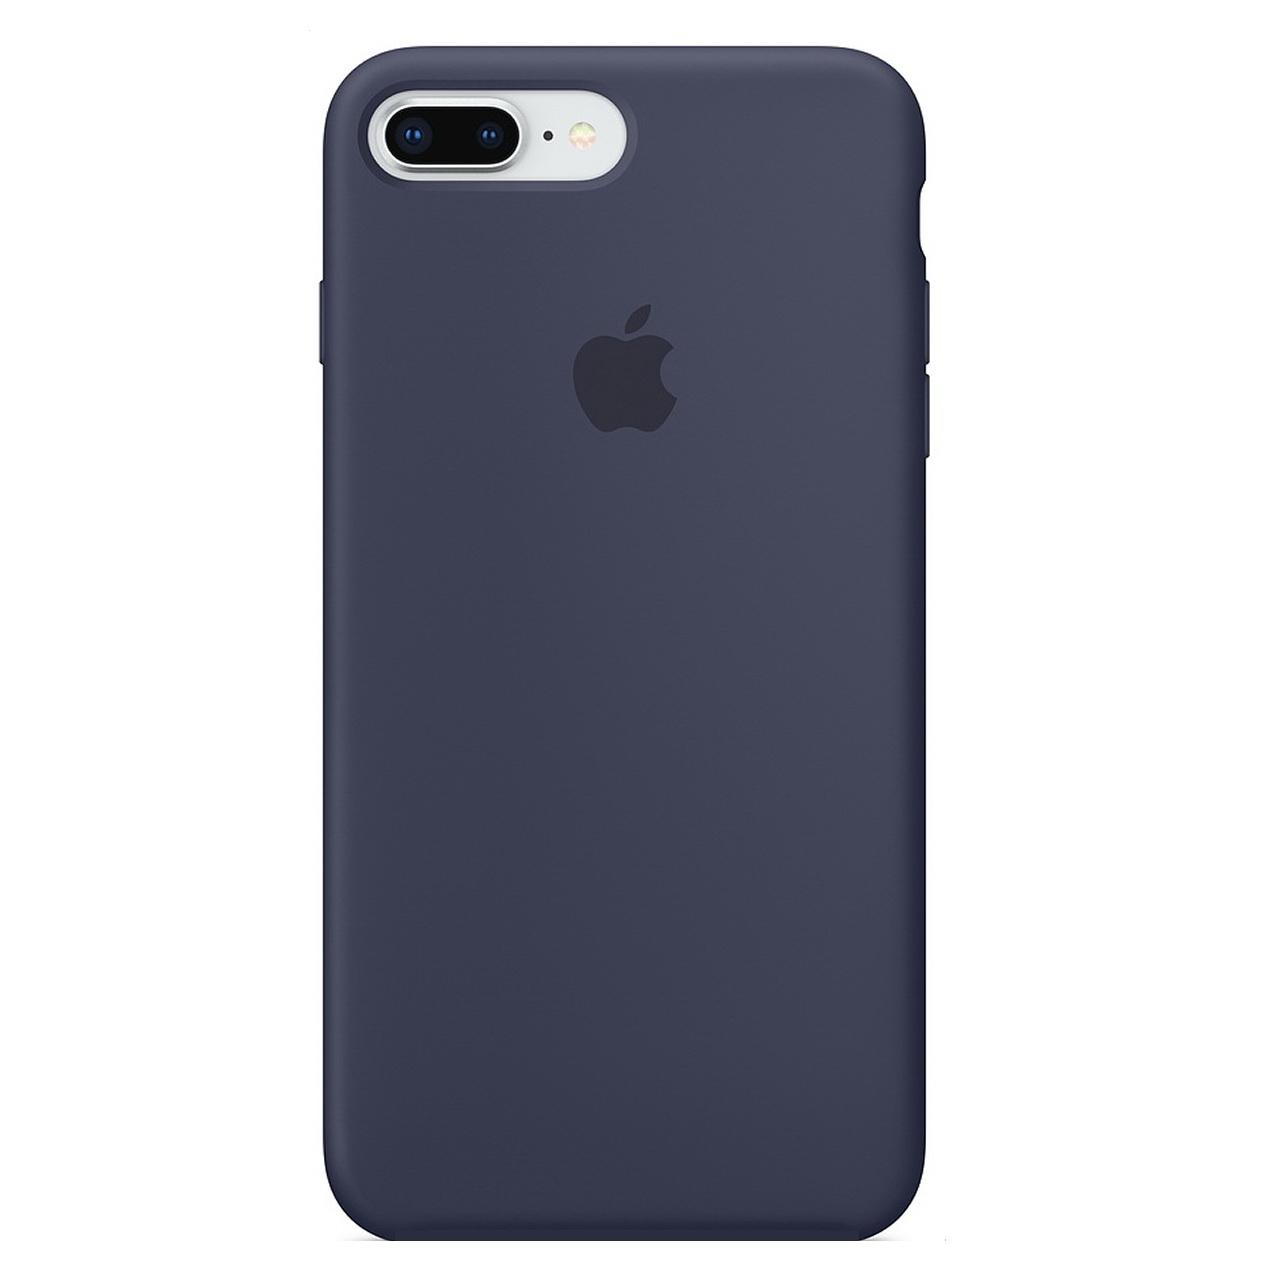 کاور سیلیکونی مدل SlC مناسب برای گوشی موبایل اپل آیفون 6/6s              ( قیمت عمده )